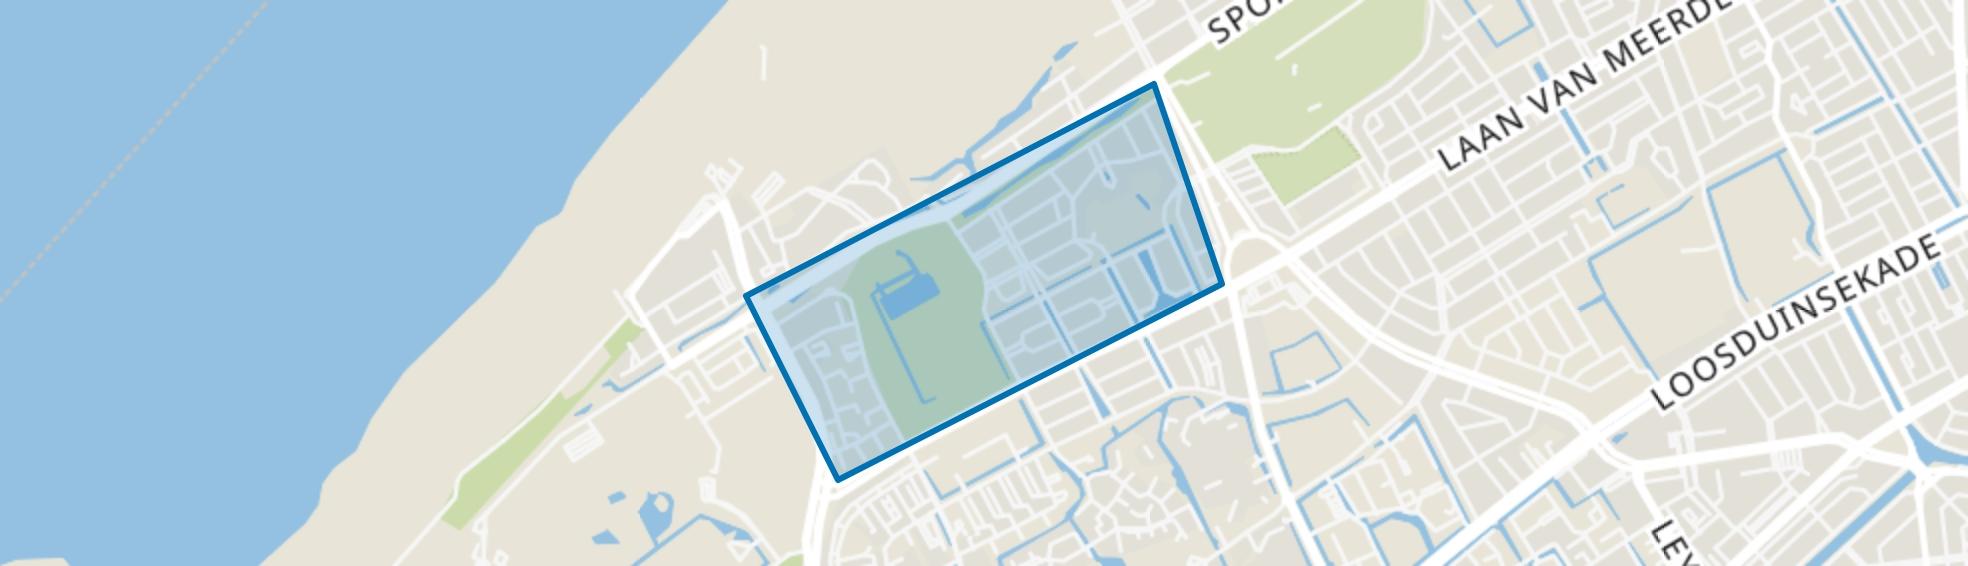 Bohemen en Meer en Bos, Den Haag map